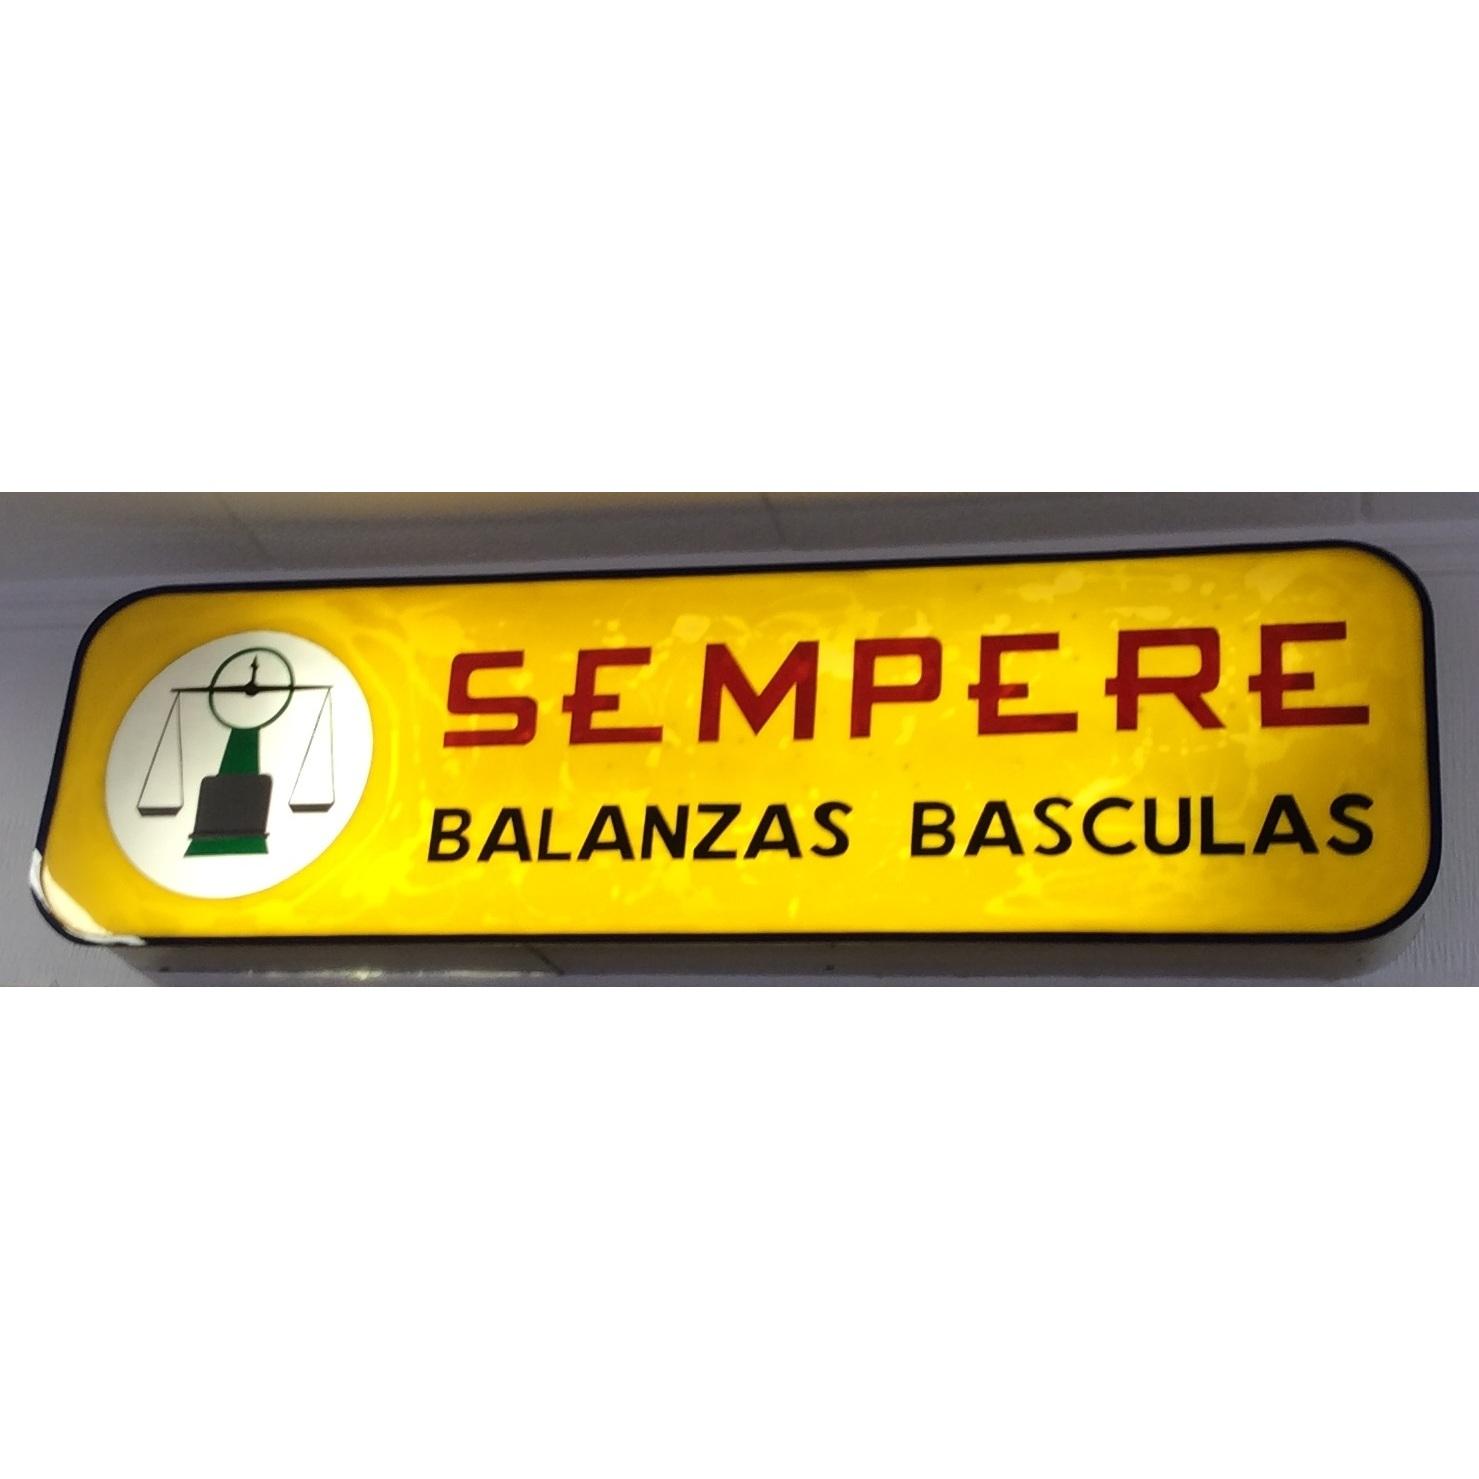 Básculas Sempere S.L.